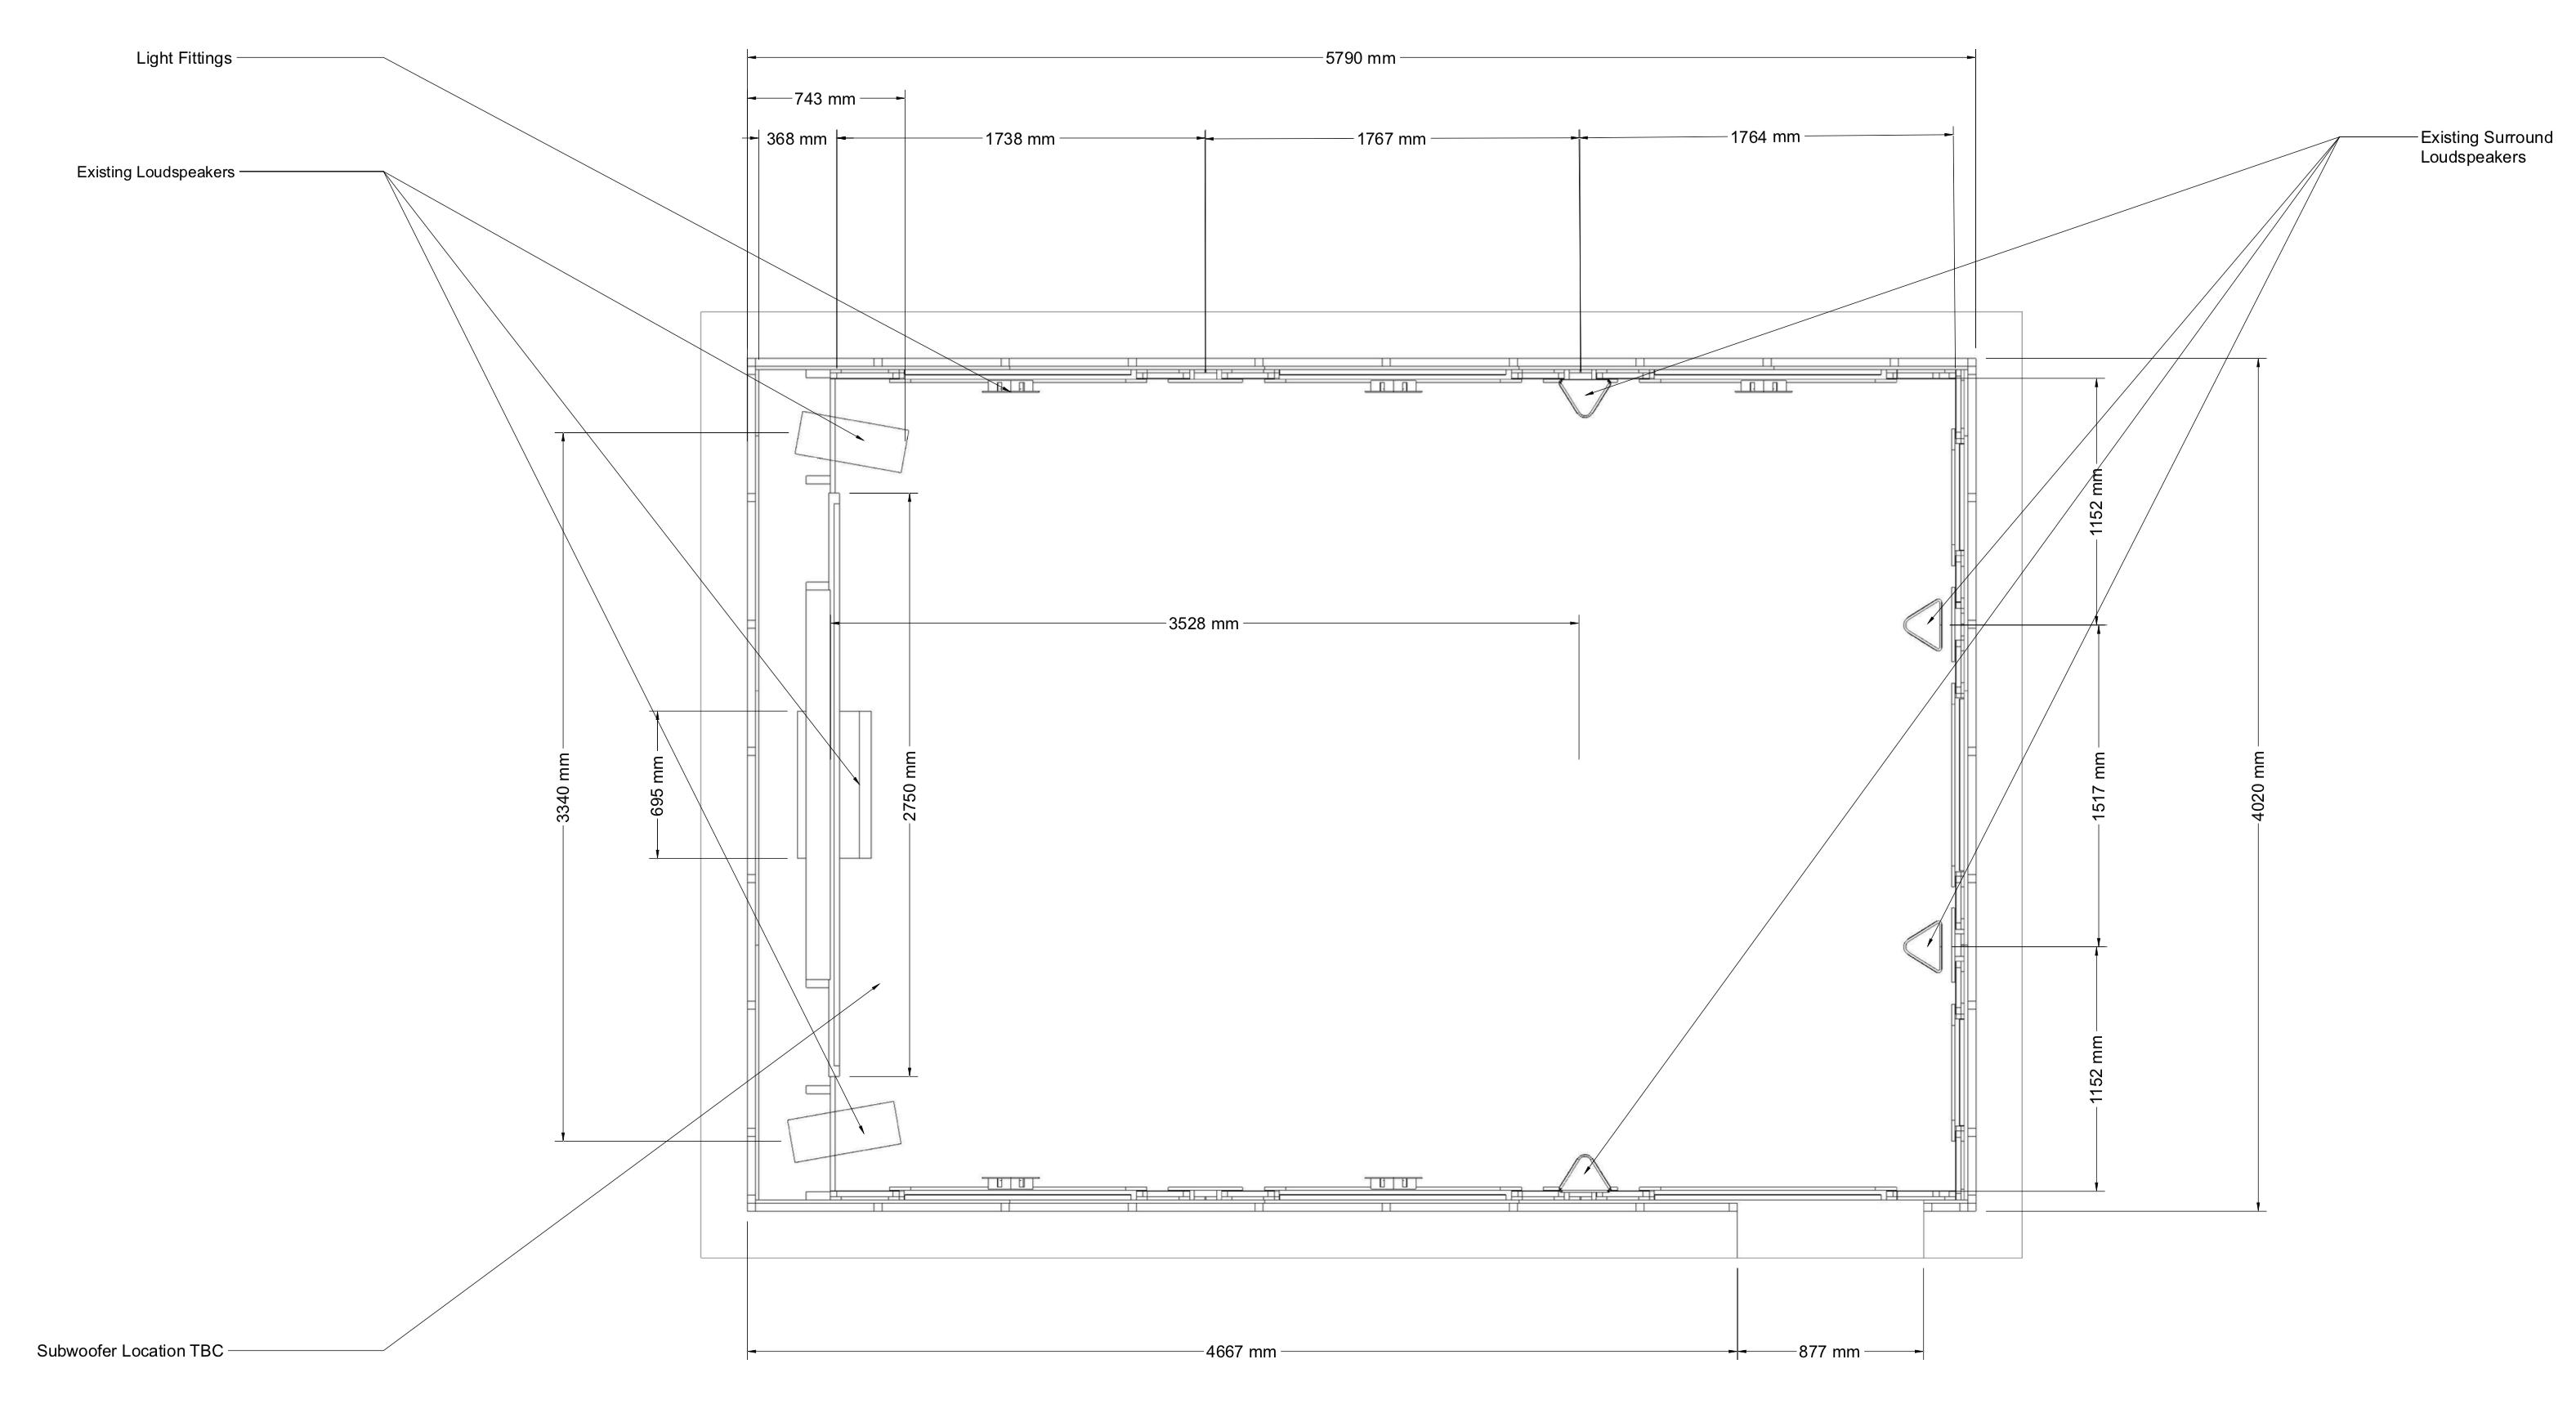 Stellenbosch Home Cinema upgrade overhead technical layout